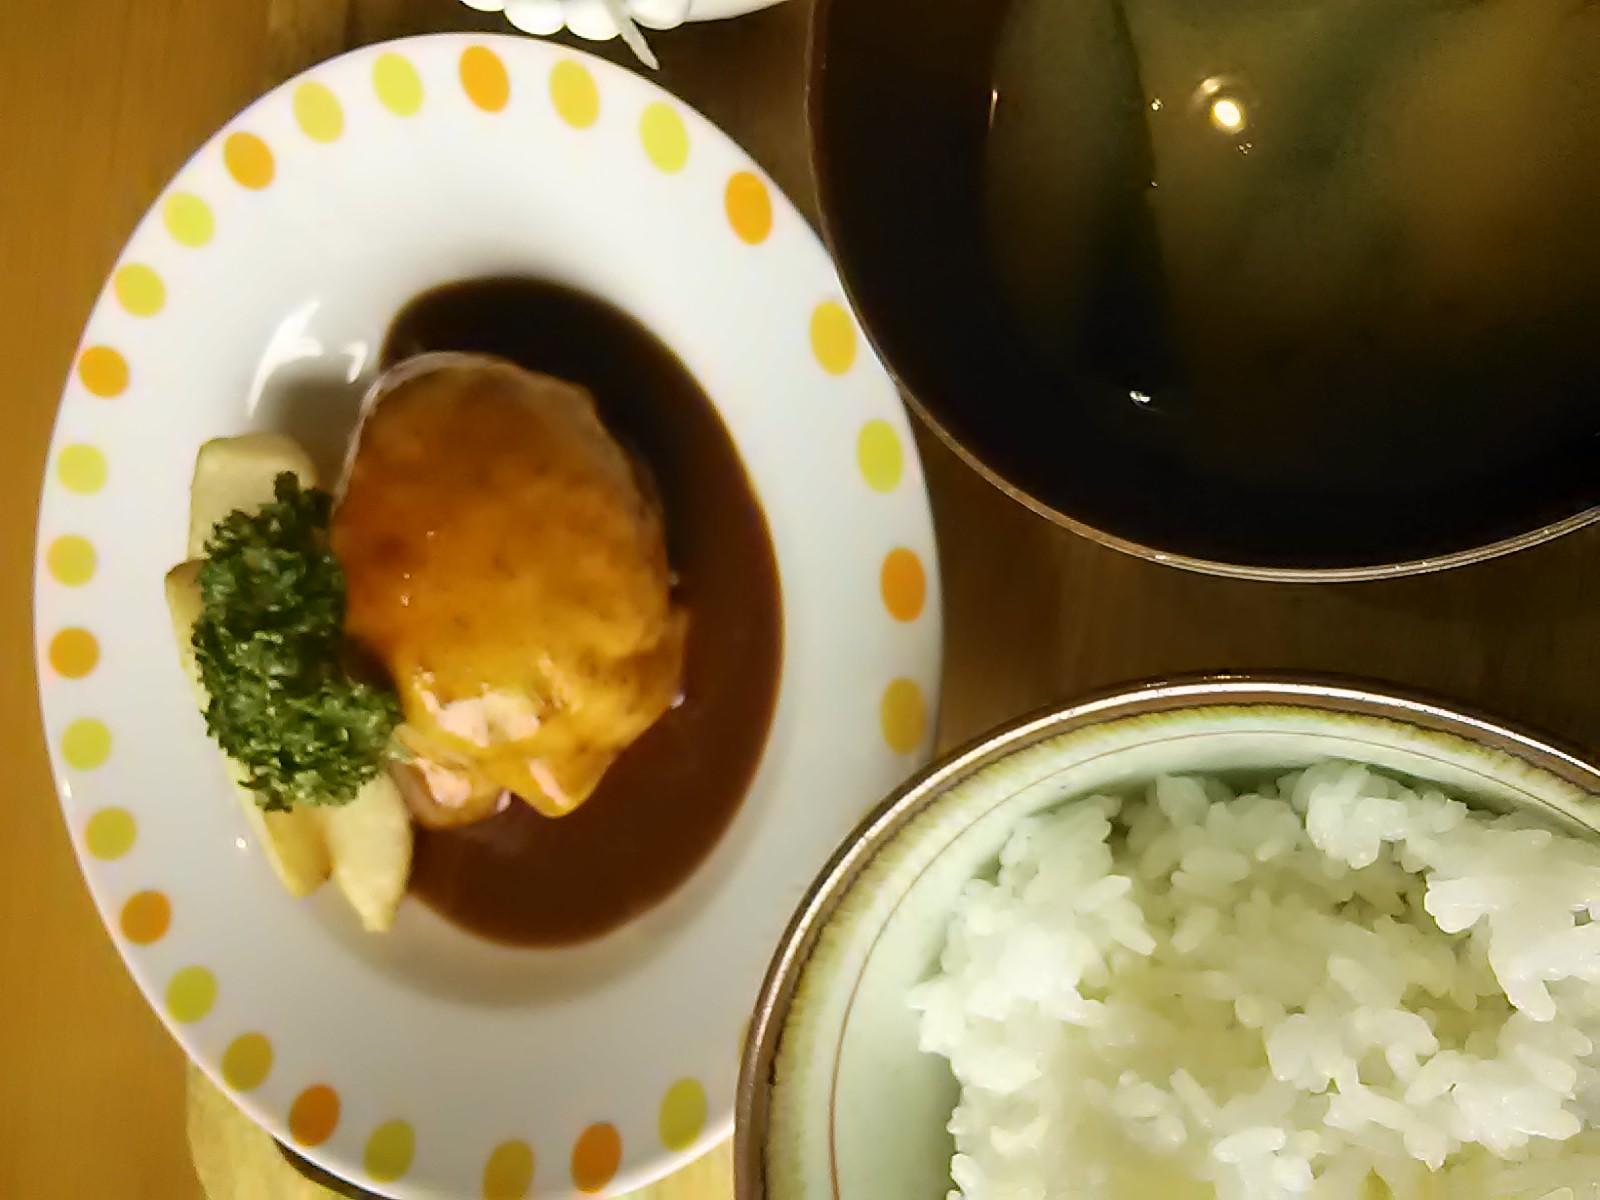 http://doppo.me/site/wp-content/uploads/2016/03/hanba-gutonkatsunoomise-kyatooru.jpg